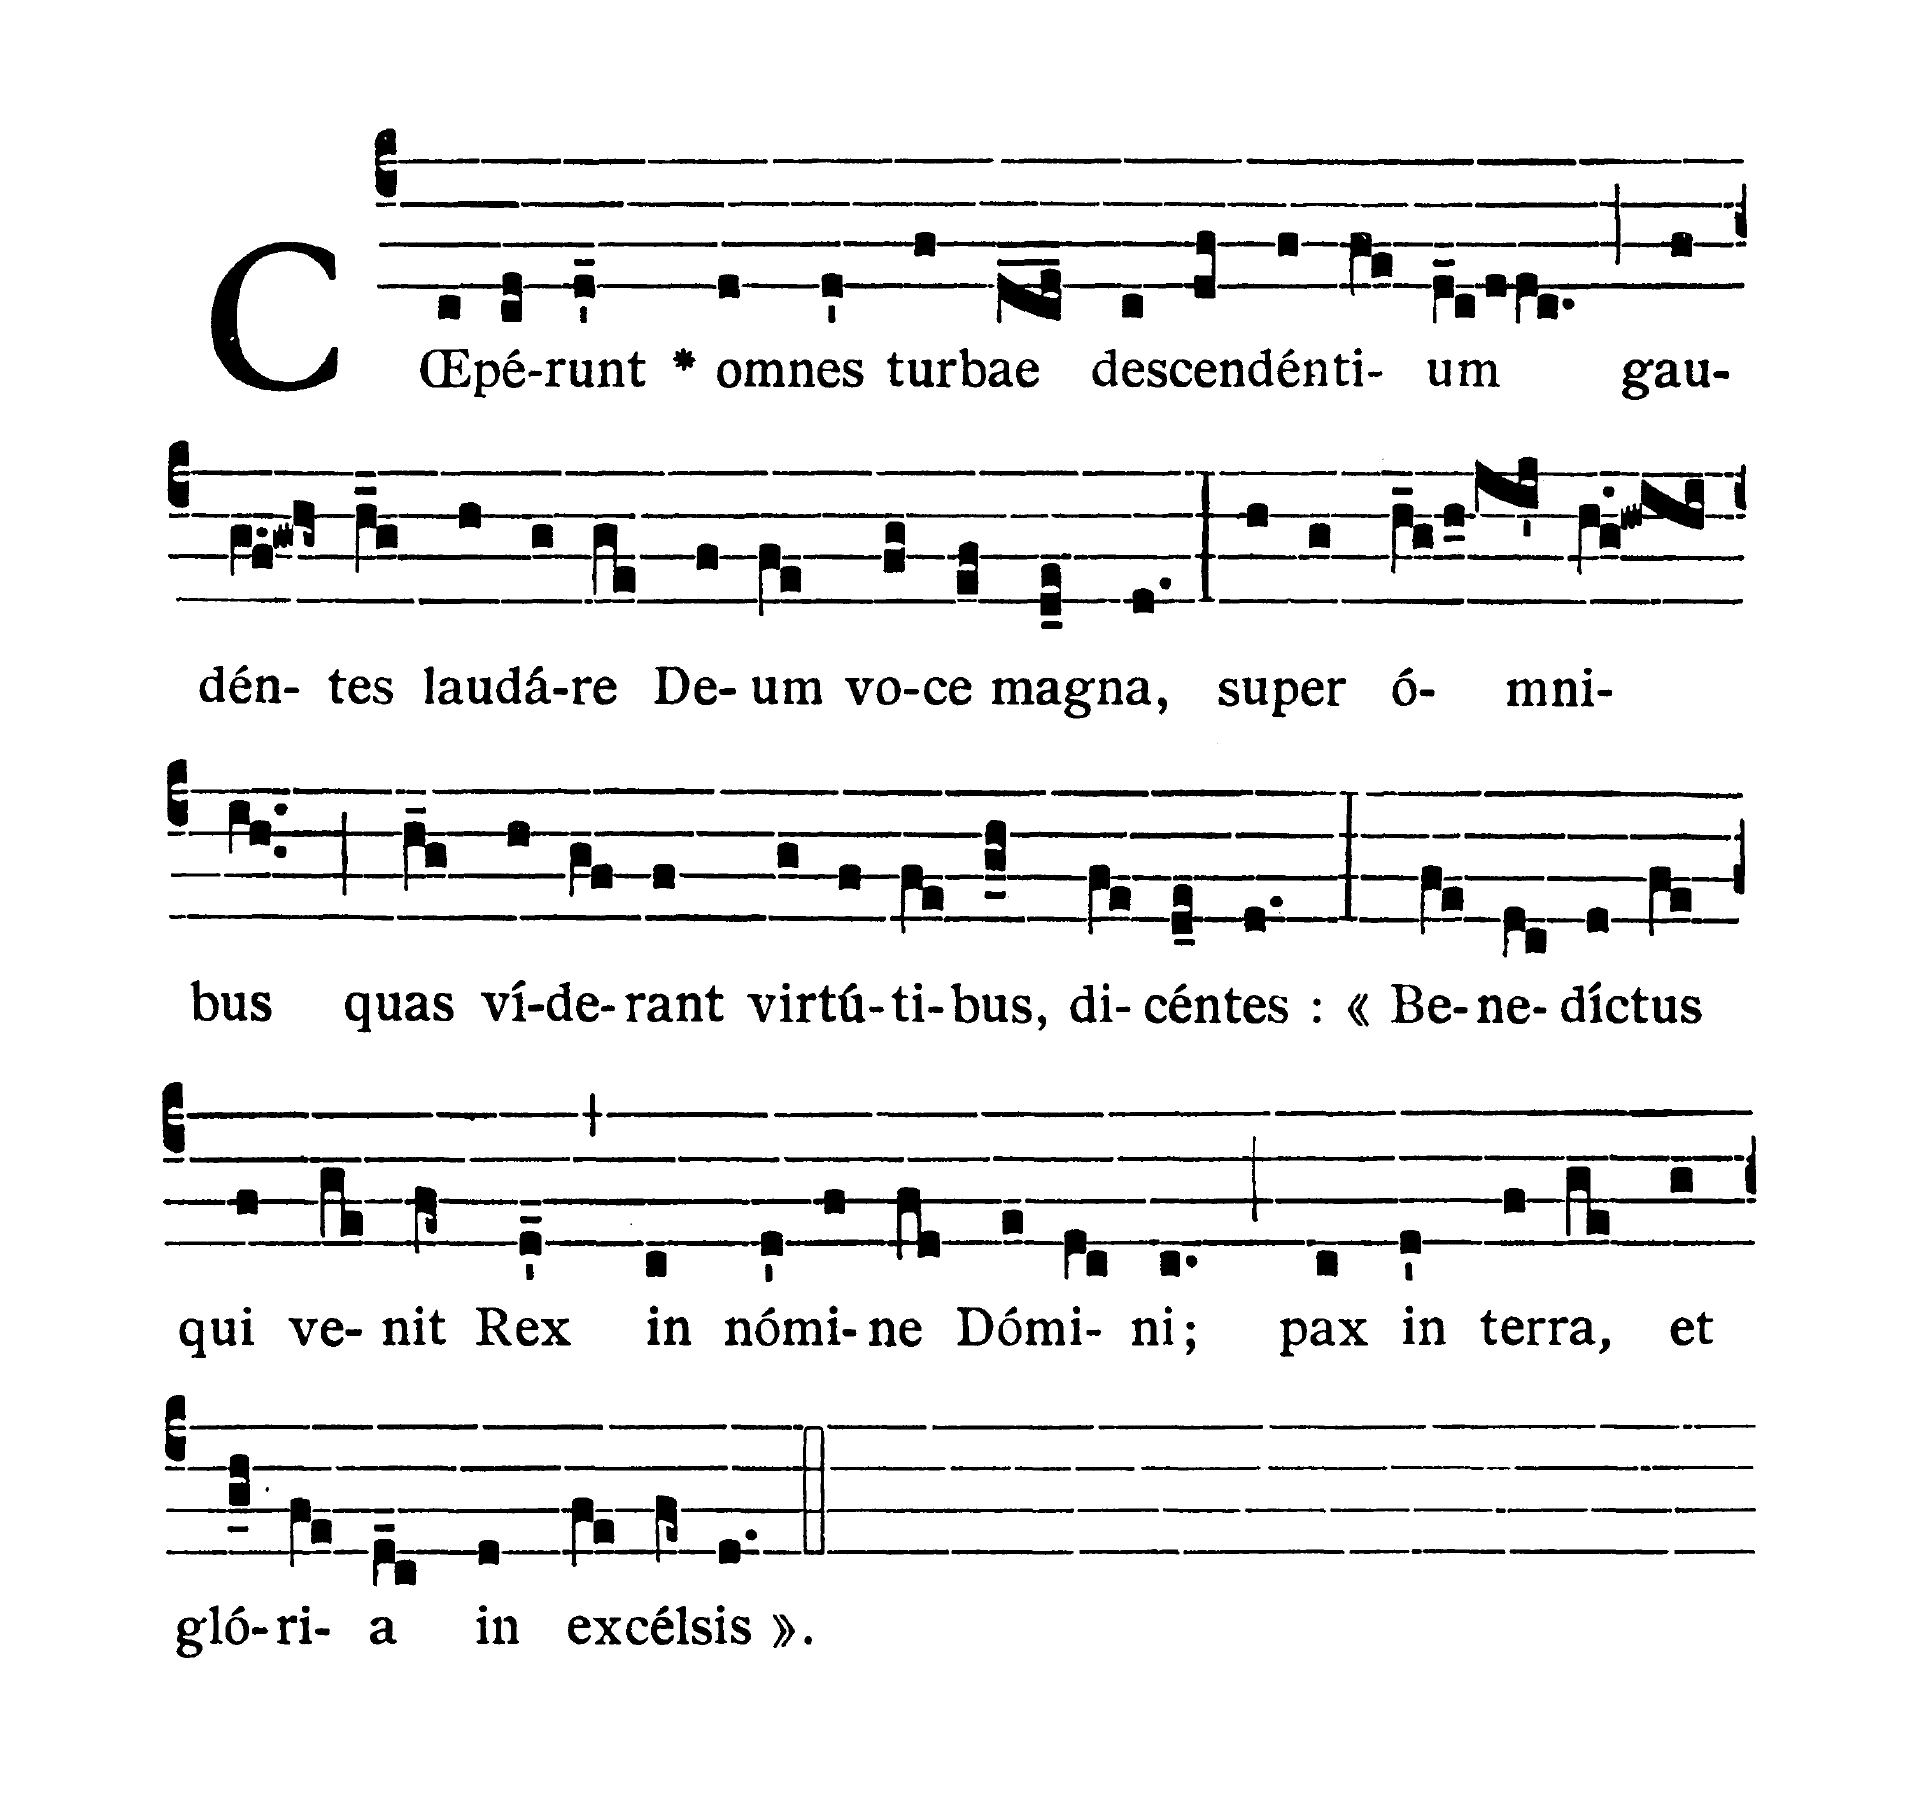 Dominica II in Passionis seu in Palmis (II Niedziela Męki Pańskiej lub Palmowa) - Antiphona (Coeperunt omnes turbae)